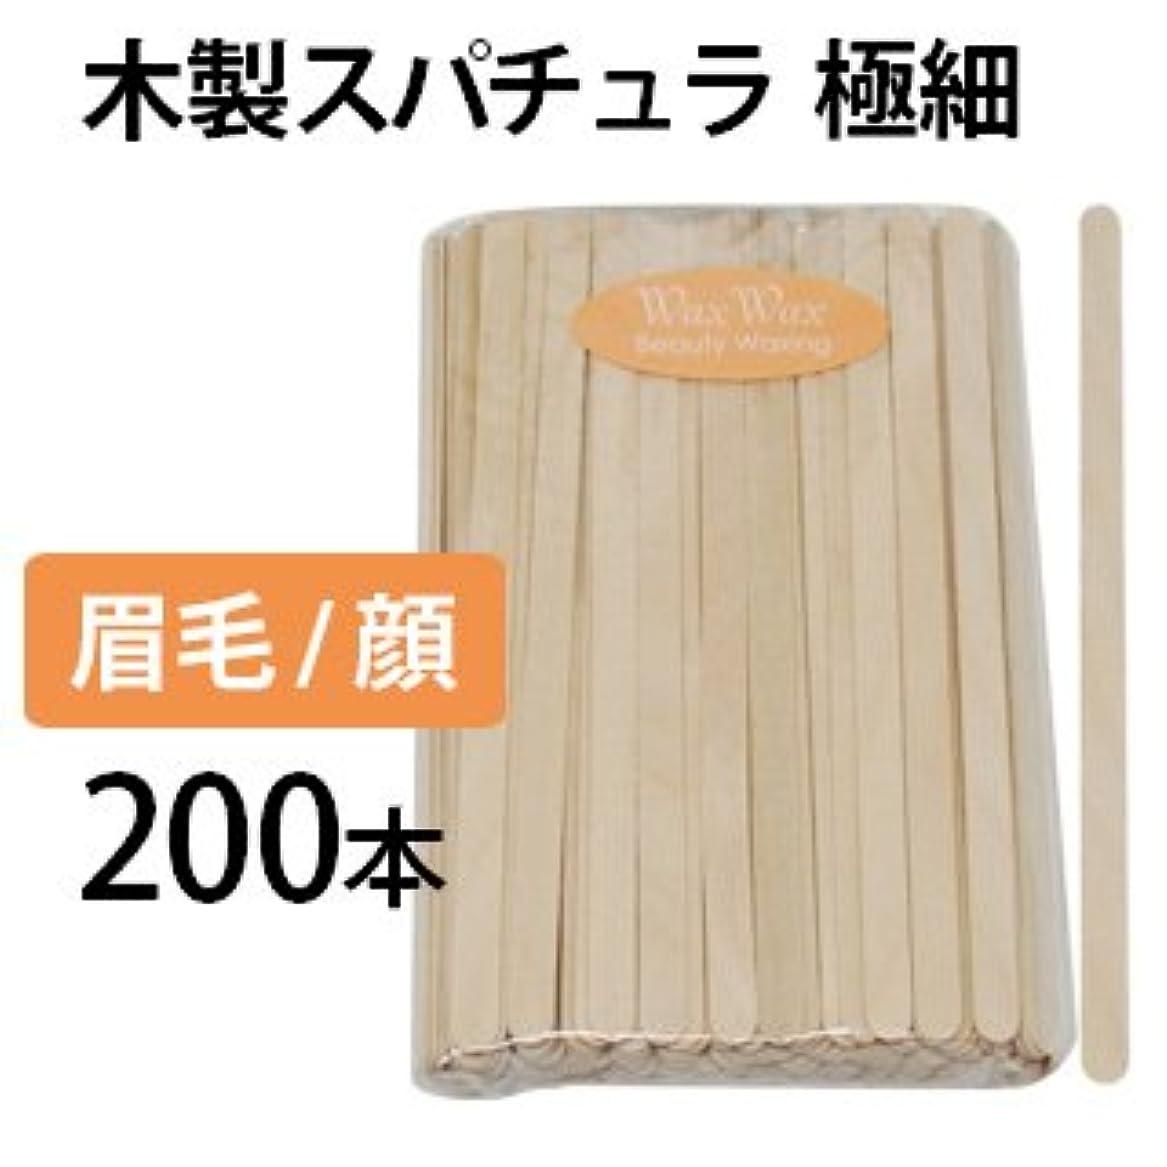 症状高める合計眉毛 アイブロウ用スパチュラ 200本セット 極細 木製スパチュラ 使い捨て